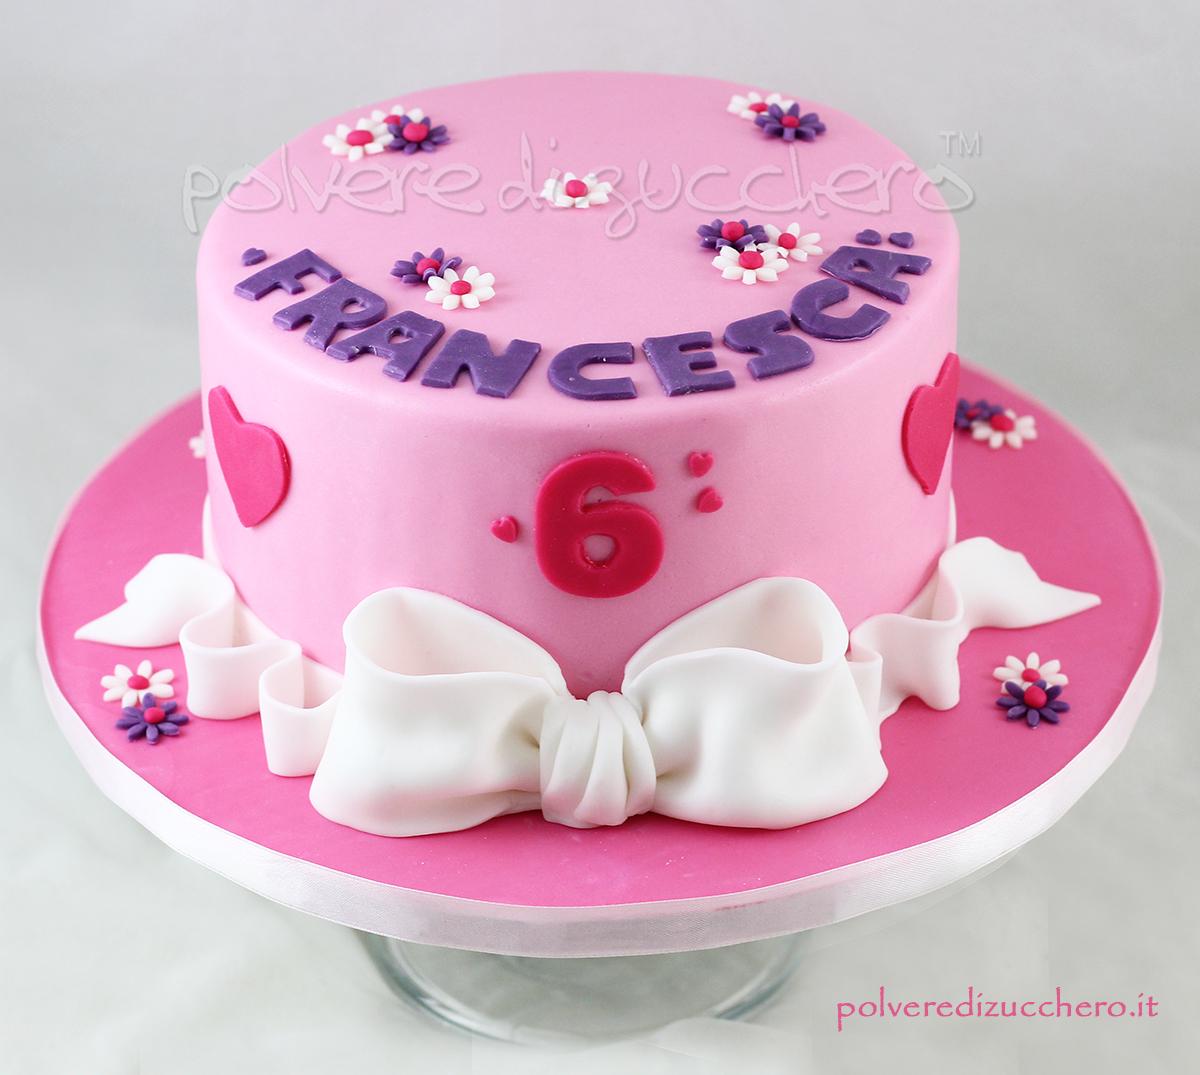 torta decorata cake design romantica cuori rosa lilla pasta di zucchero fiocco polvere di zucchero